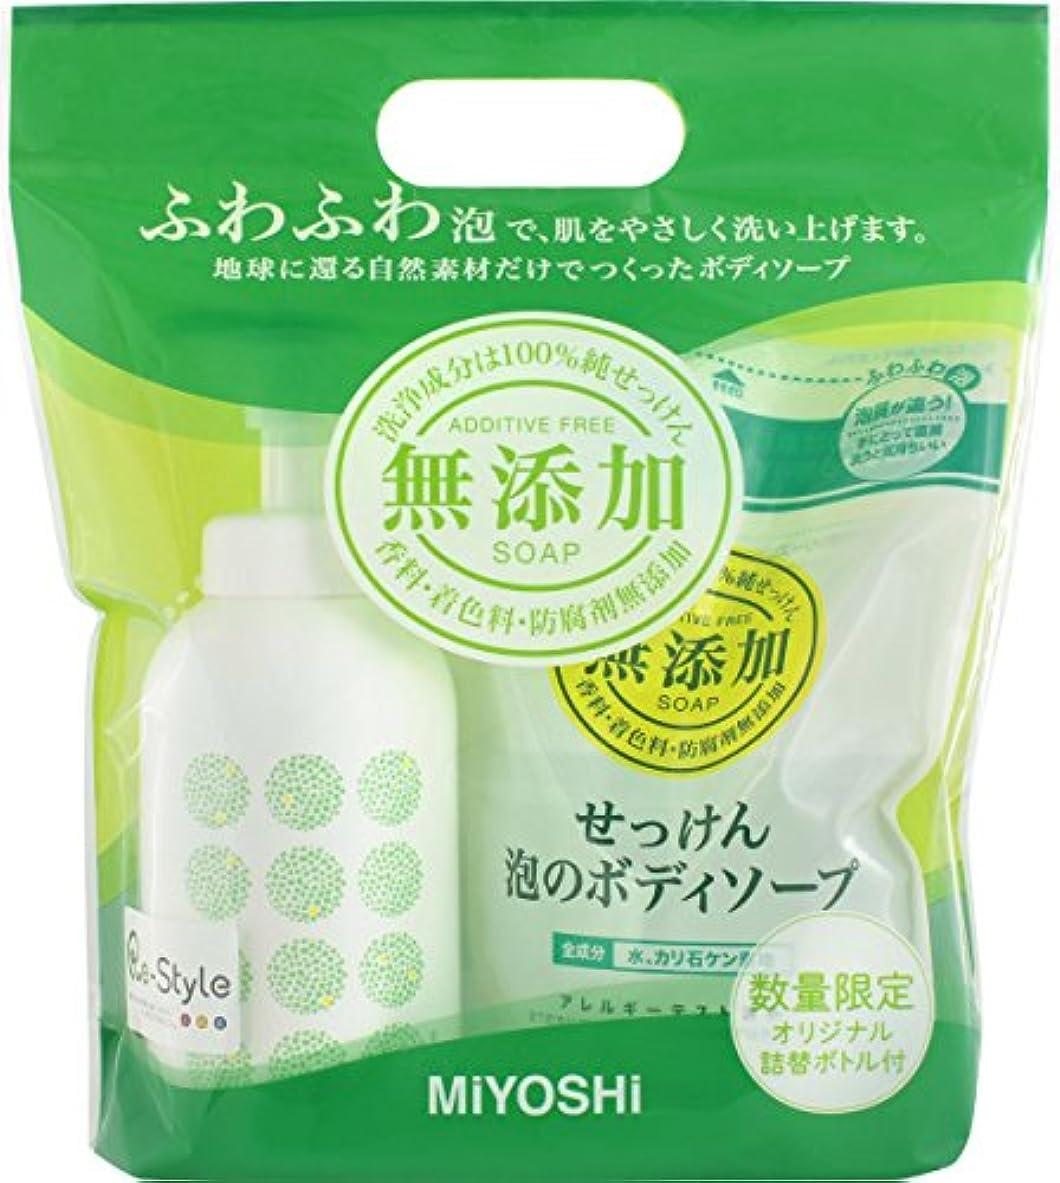 血統固める出費ミヨシ石鹸 無添加せっけん 泡のボディソープ詰替450ML オリジナル空ボトル付き ペアセット